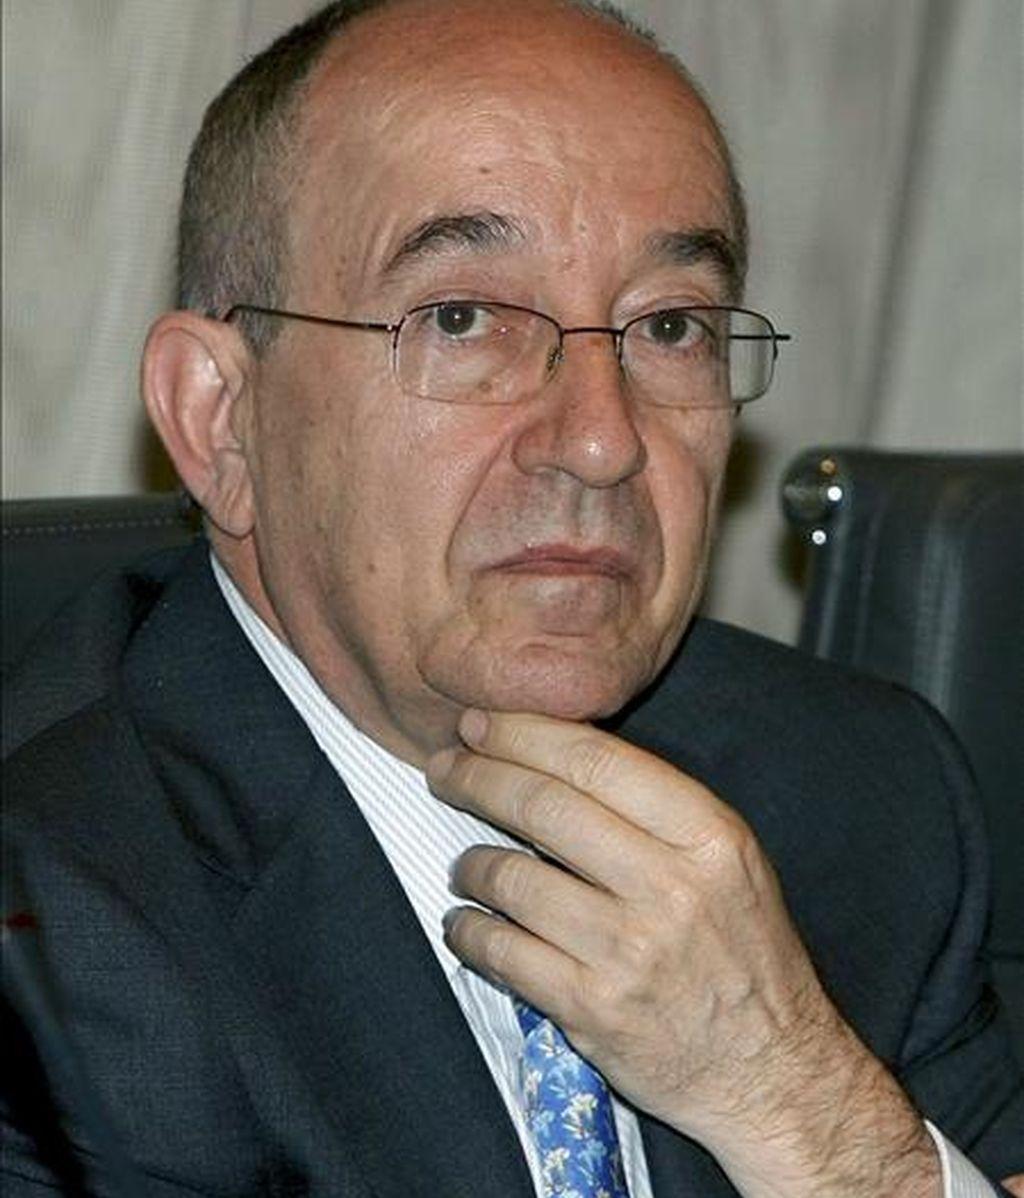 El gobernador del Banco de España, Miguel Fernández Ordóñez. EFE/Archivo